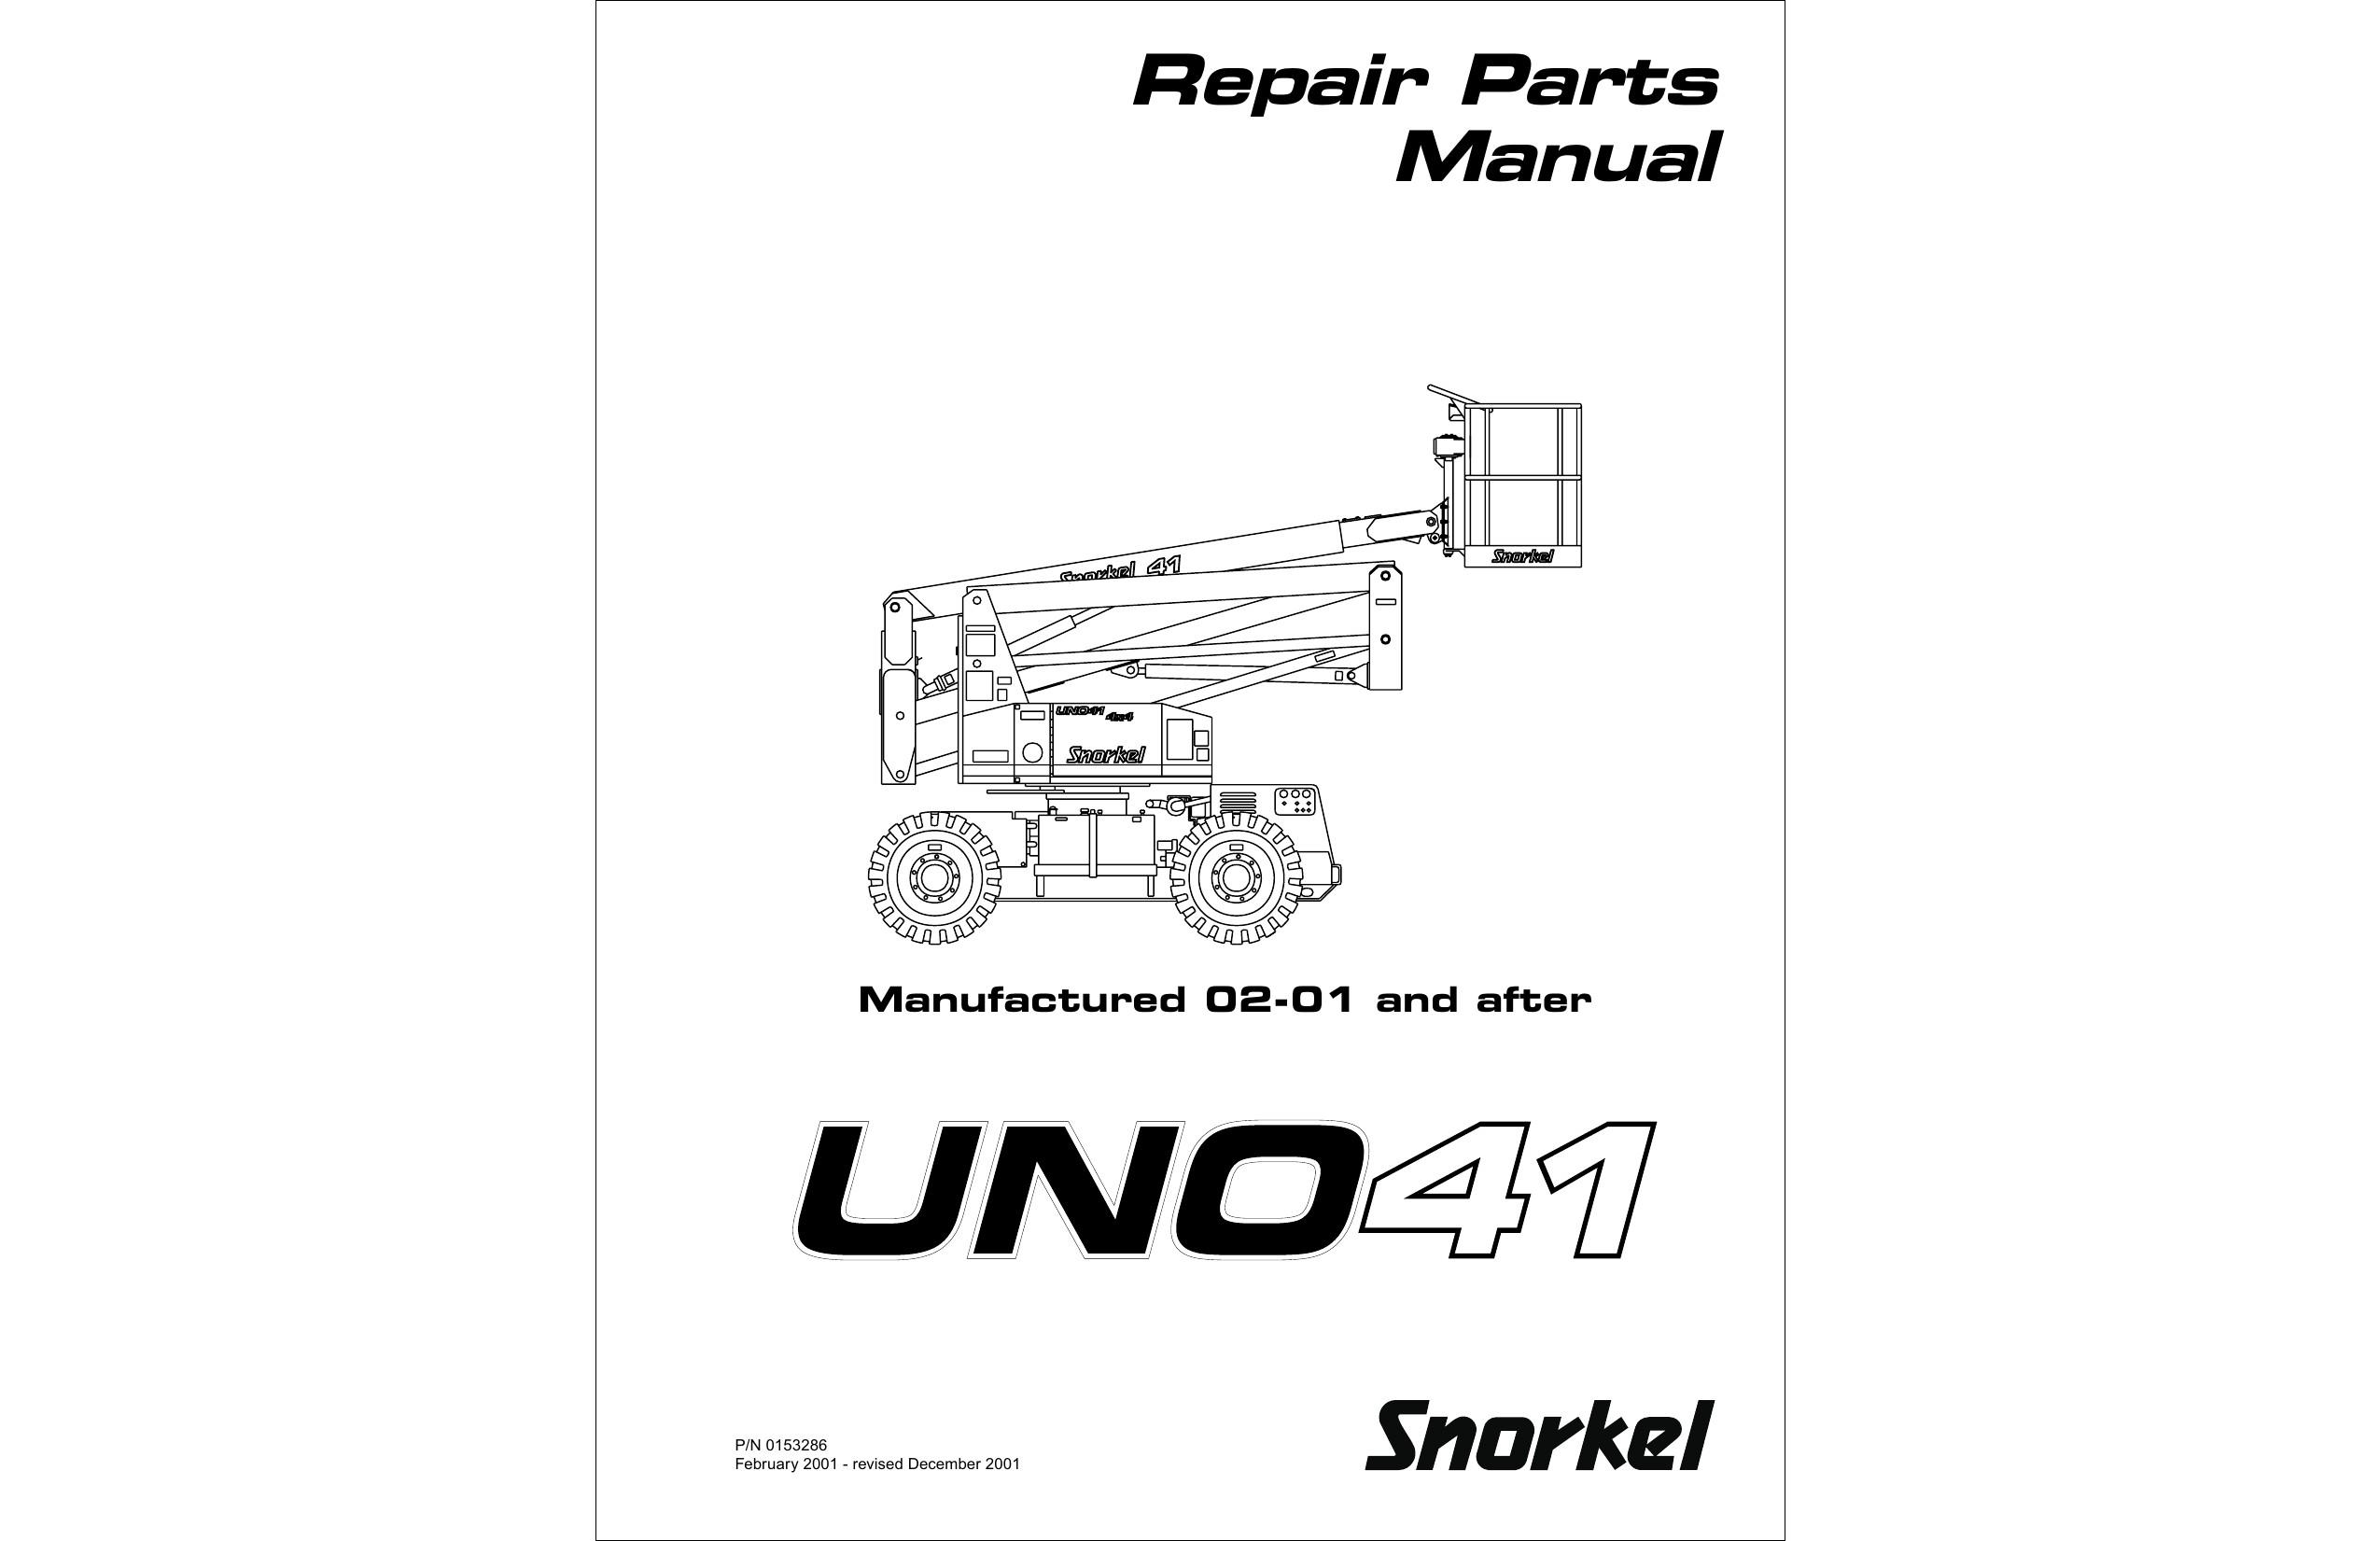 Snorkel Lift Steering Wiring Diagram Repair Parts Manual Of Snorkel Lift Steering Wiring Diagram